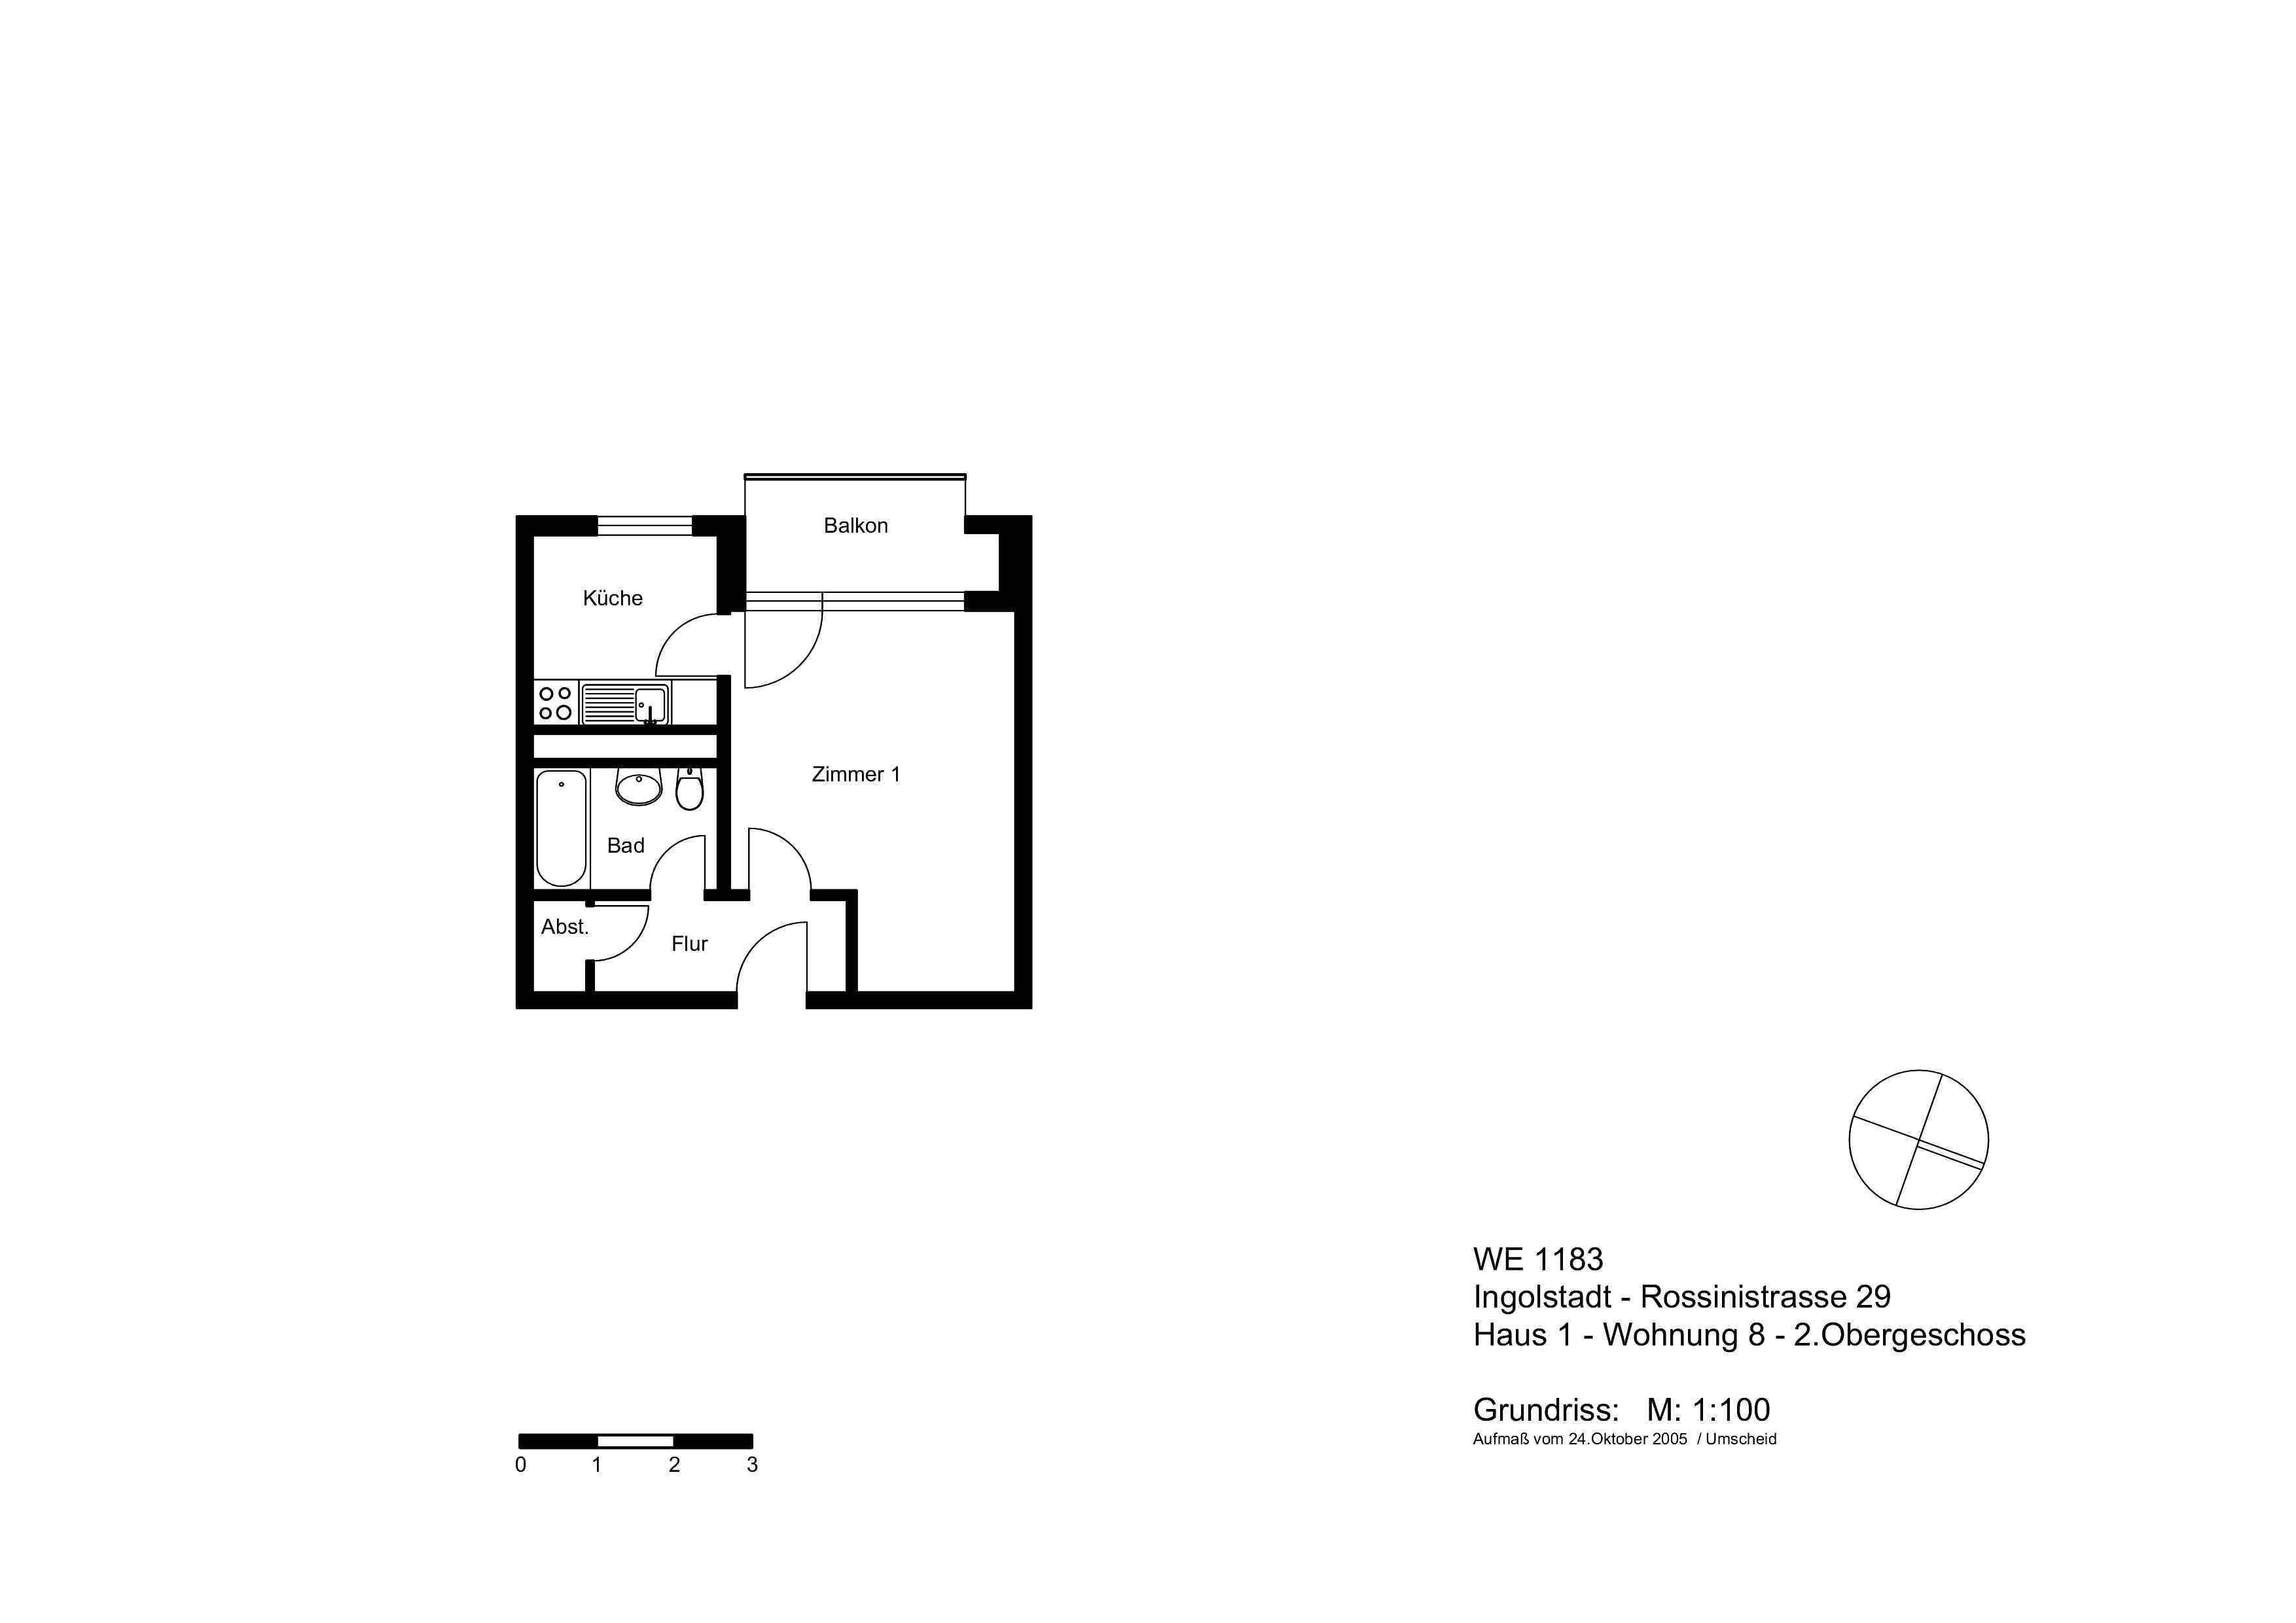 kleine, aber feine 1-Zimmer-Wohnung mit Kochküche und Balkon in Nordwest